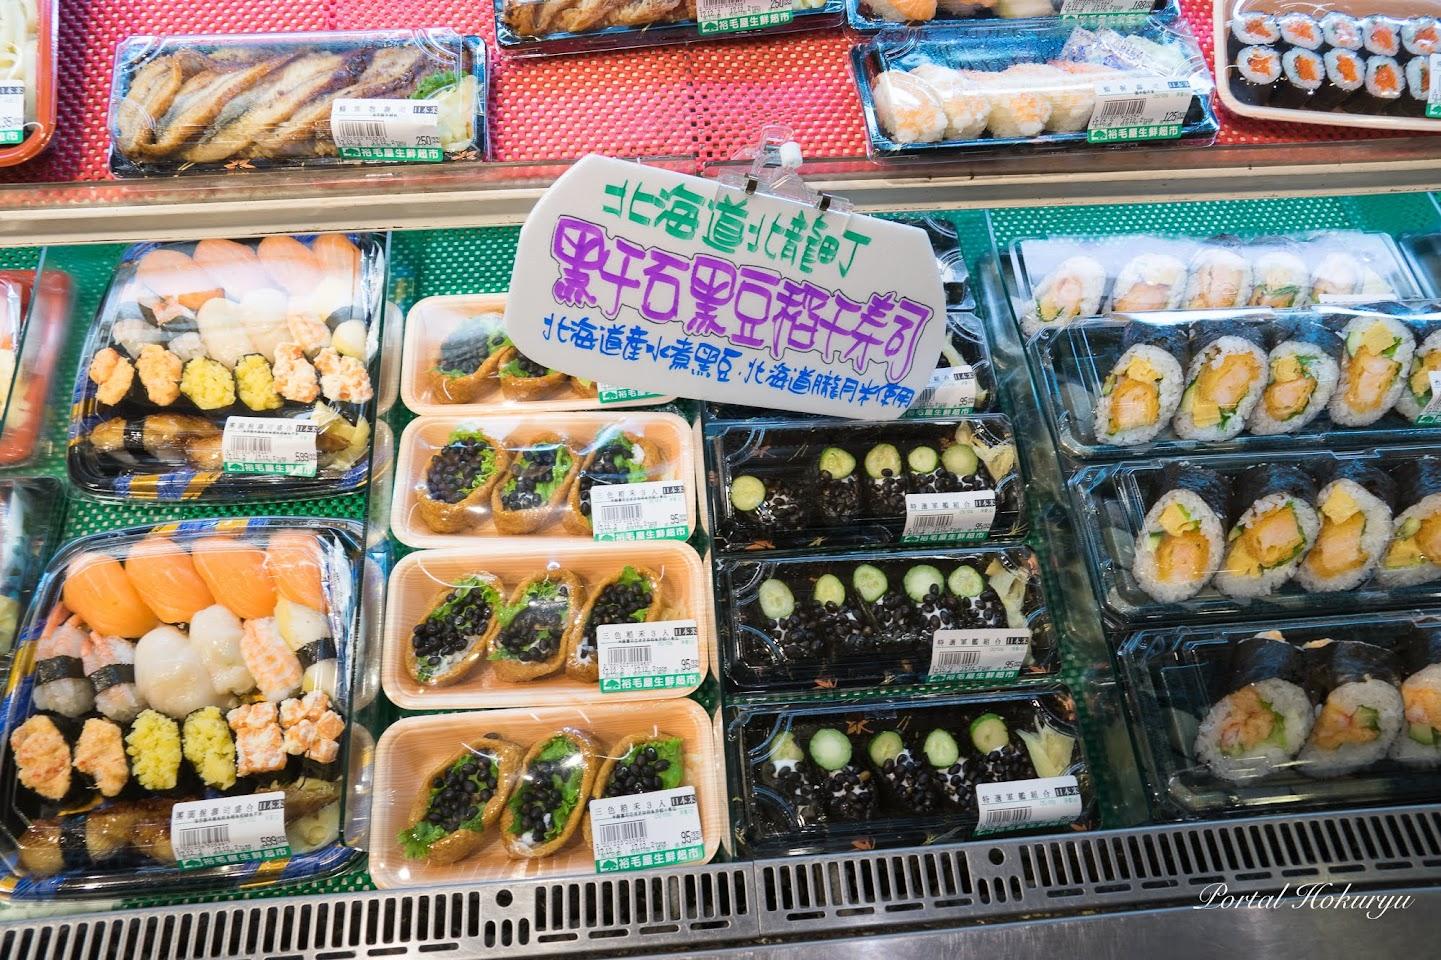 黒千石大豆(ドライパック)入り稲荷寿司